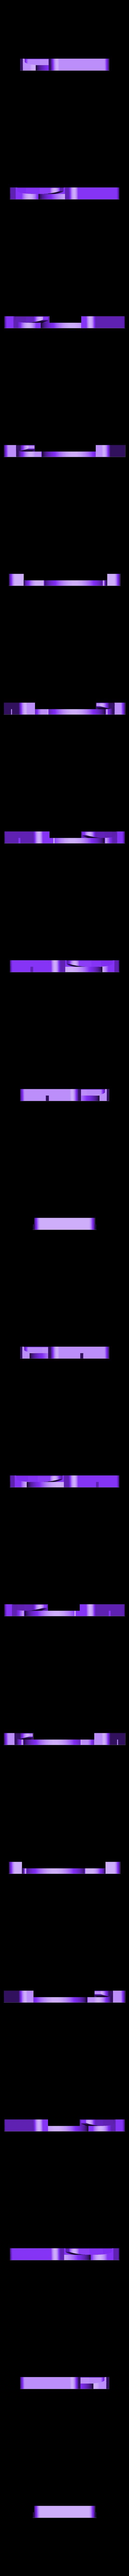 N6_Anker_Qi_Cradle.STL Télécharger fichier STL gratuit Nexus 6 Qi Support de charge sans fil sans fil • Modèle à imprimer en 3D, Werthrante